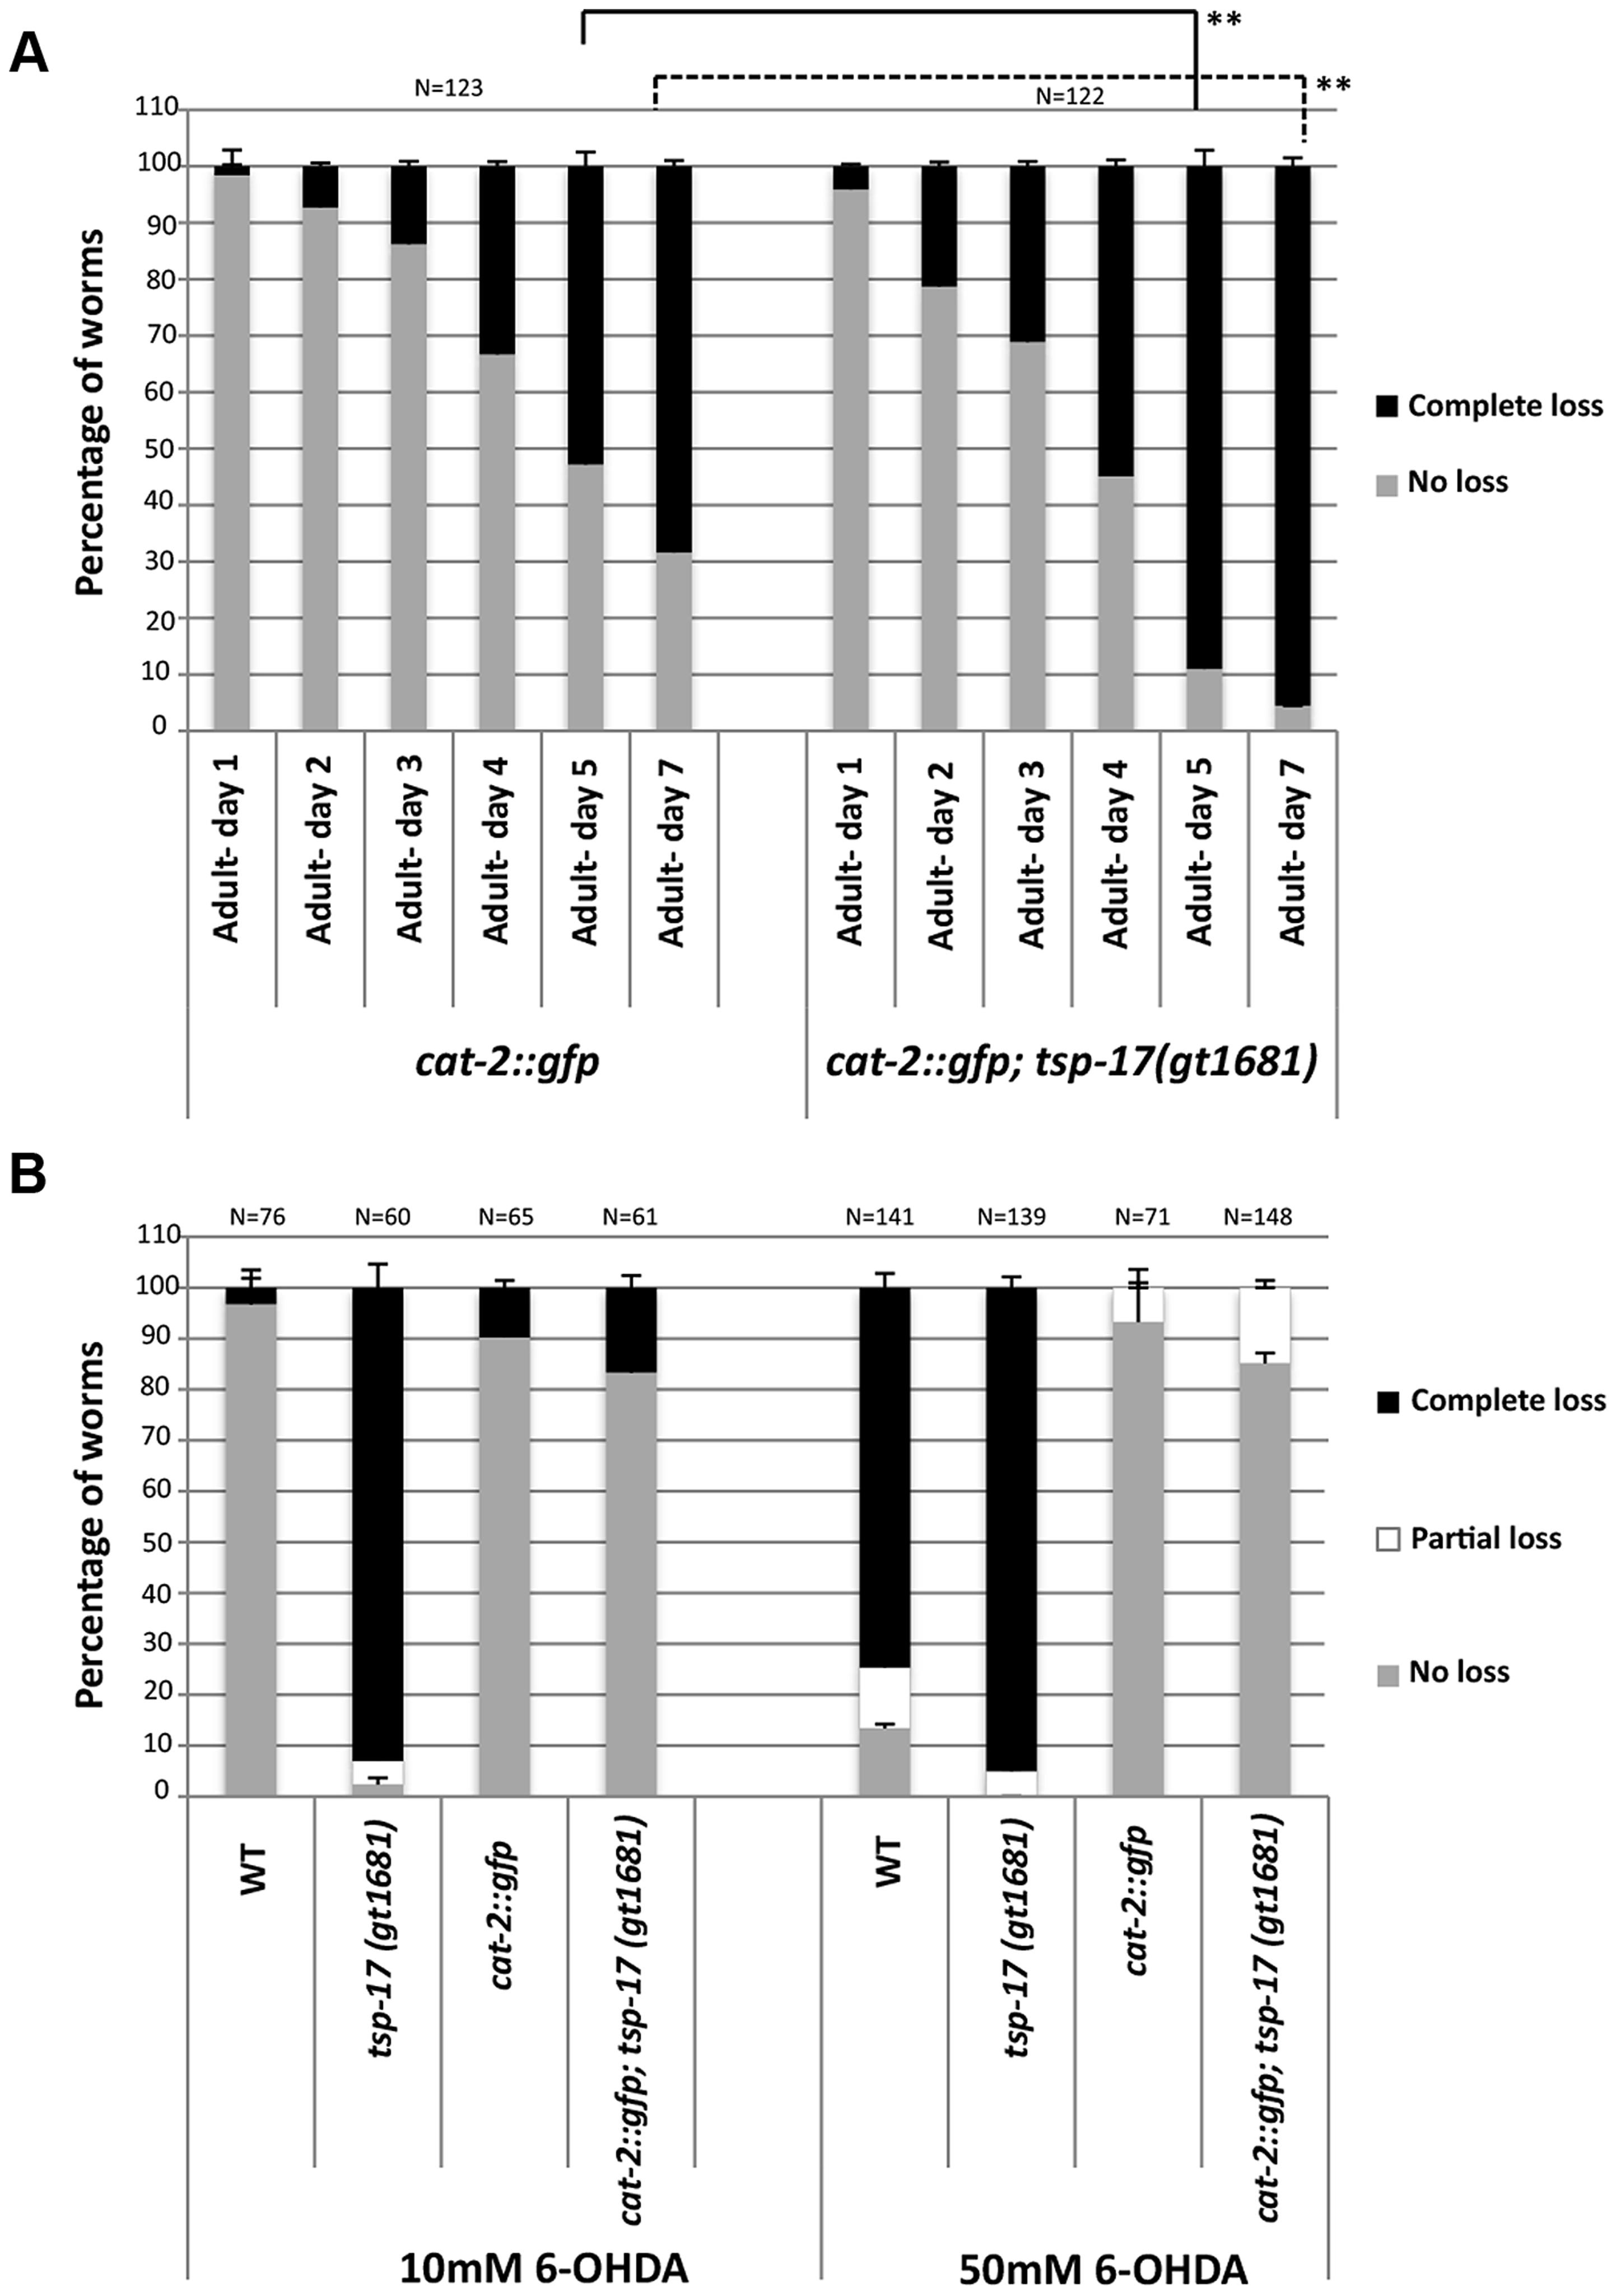 <i>tsp-17 (gt1681)</i> enhances the neurodegeneration phenotype of <i>cat-2</i>-overexpressing lines, and <i>cat-2</i> overexpression protects against 6-OHDA toxicity.